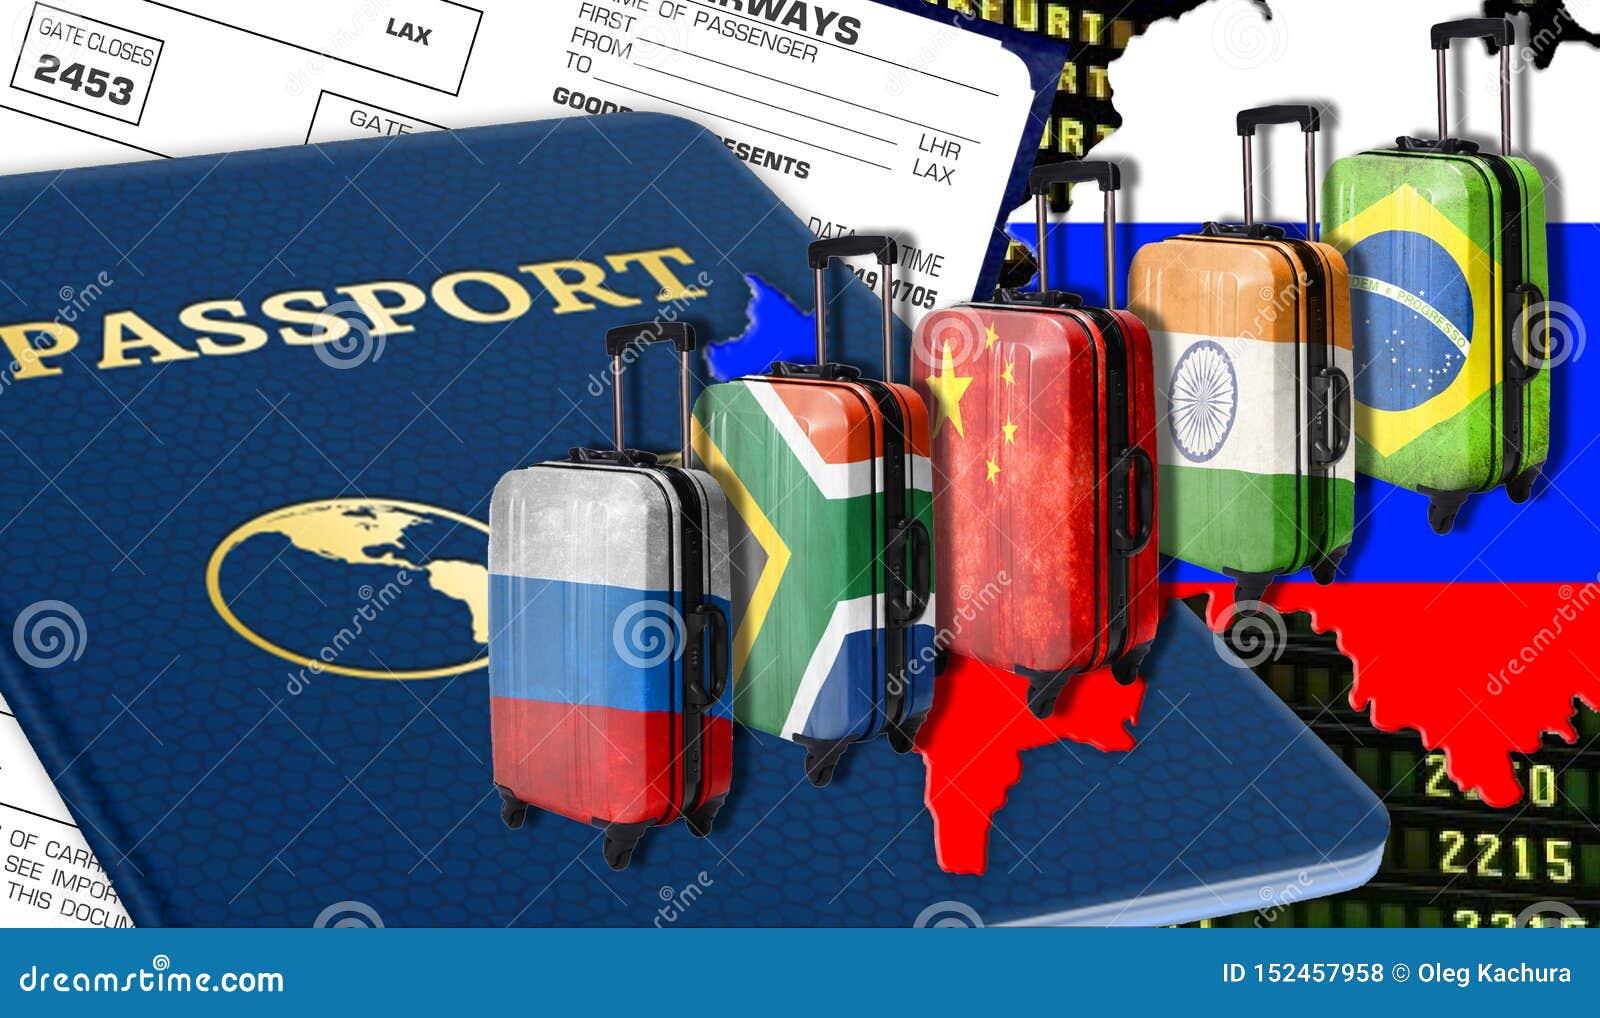 白利国家:中国,俄罗斯,川斯瓦共和国,巴西,以旗子的形式印度在手提箱,飞机票,俄语